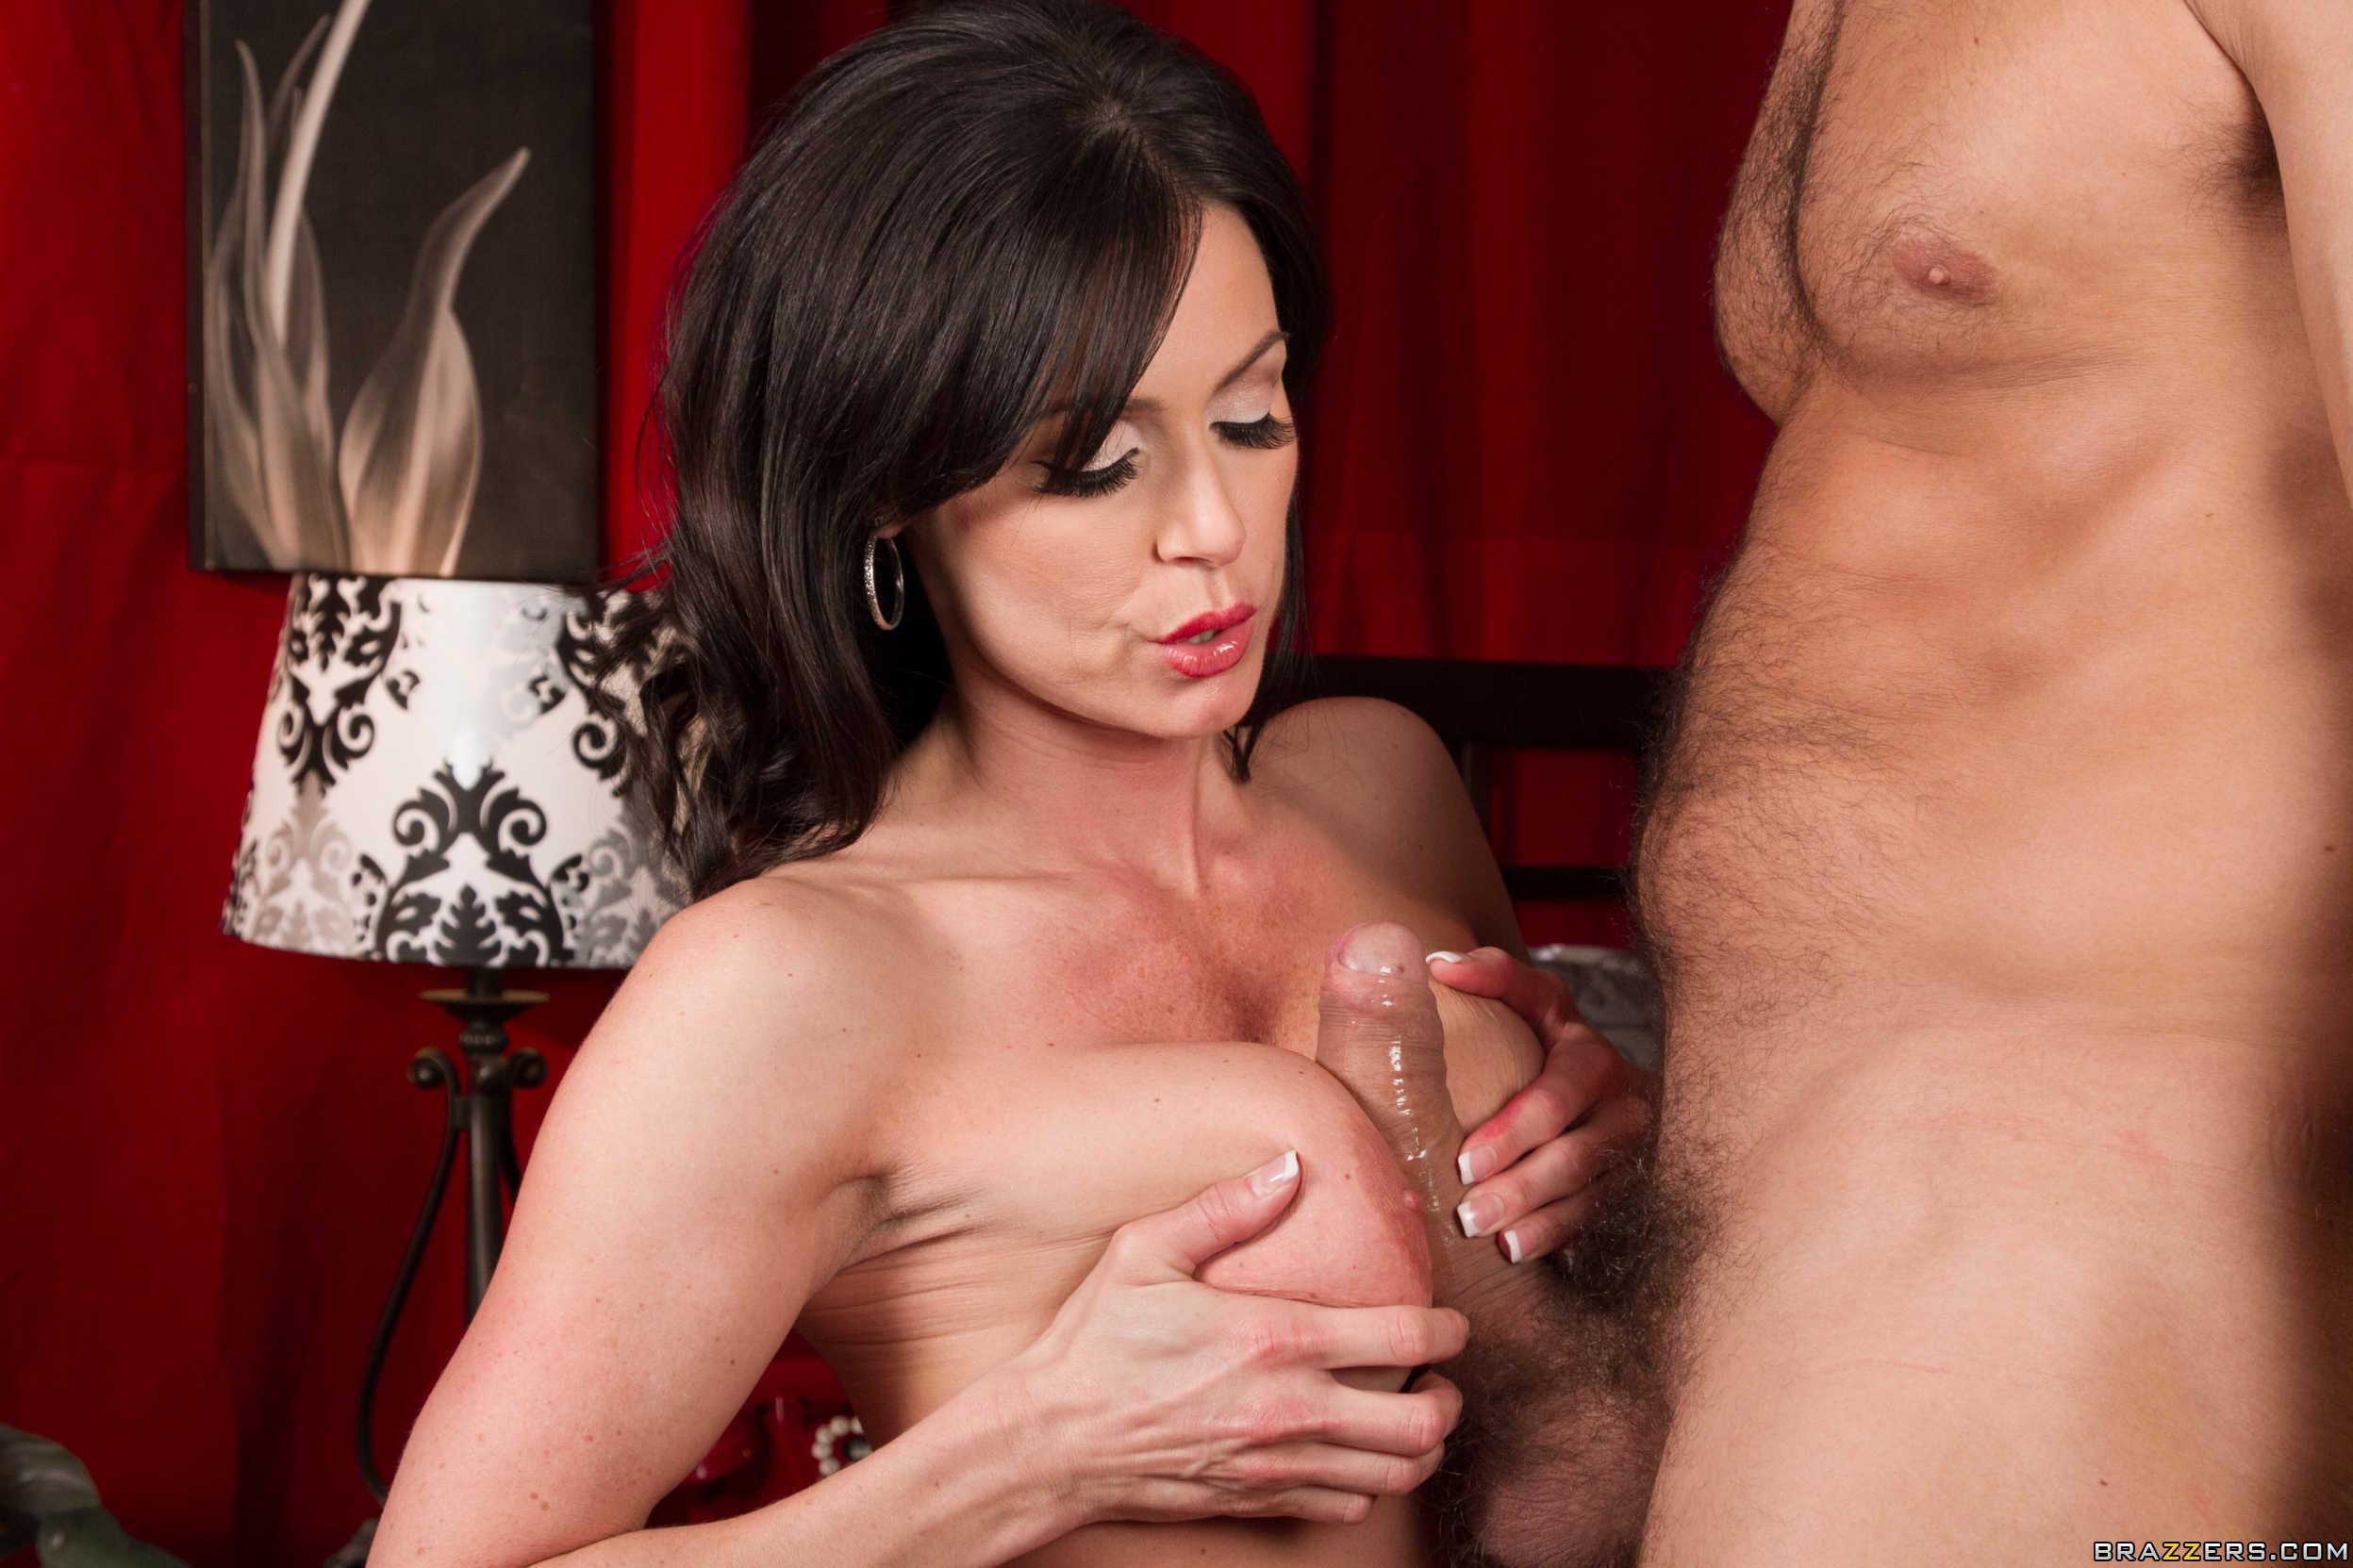 Cachondeando y disfrutando de una pelicula porno - 1 part 10